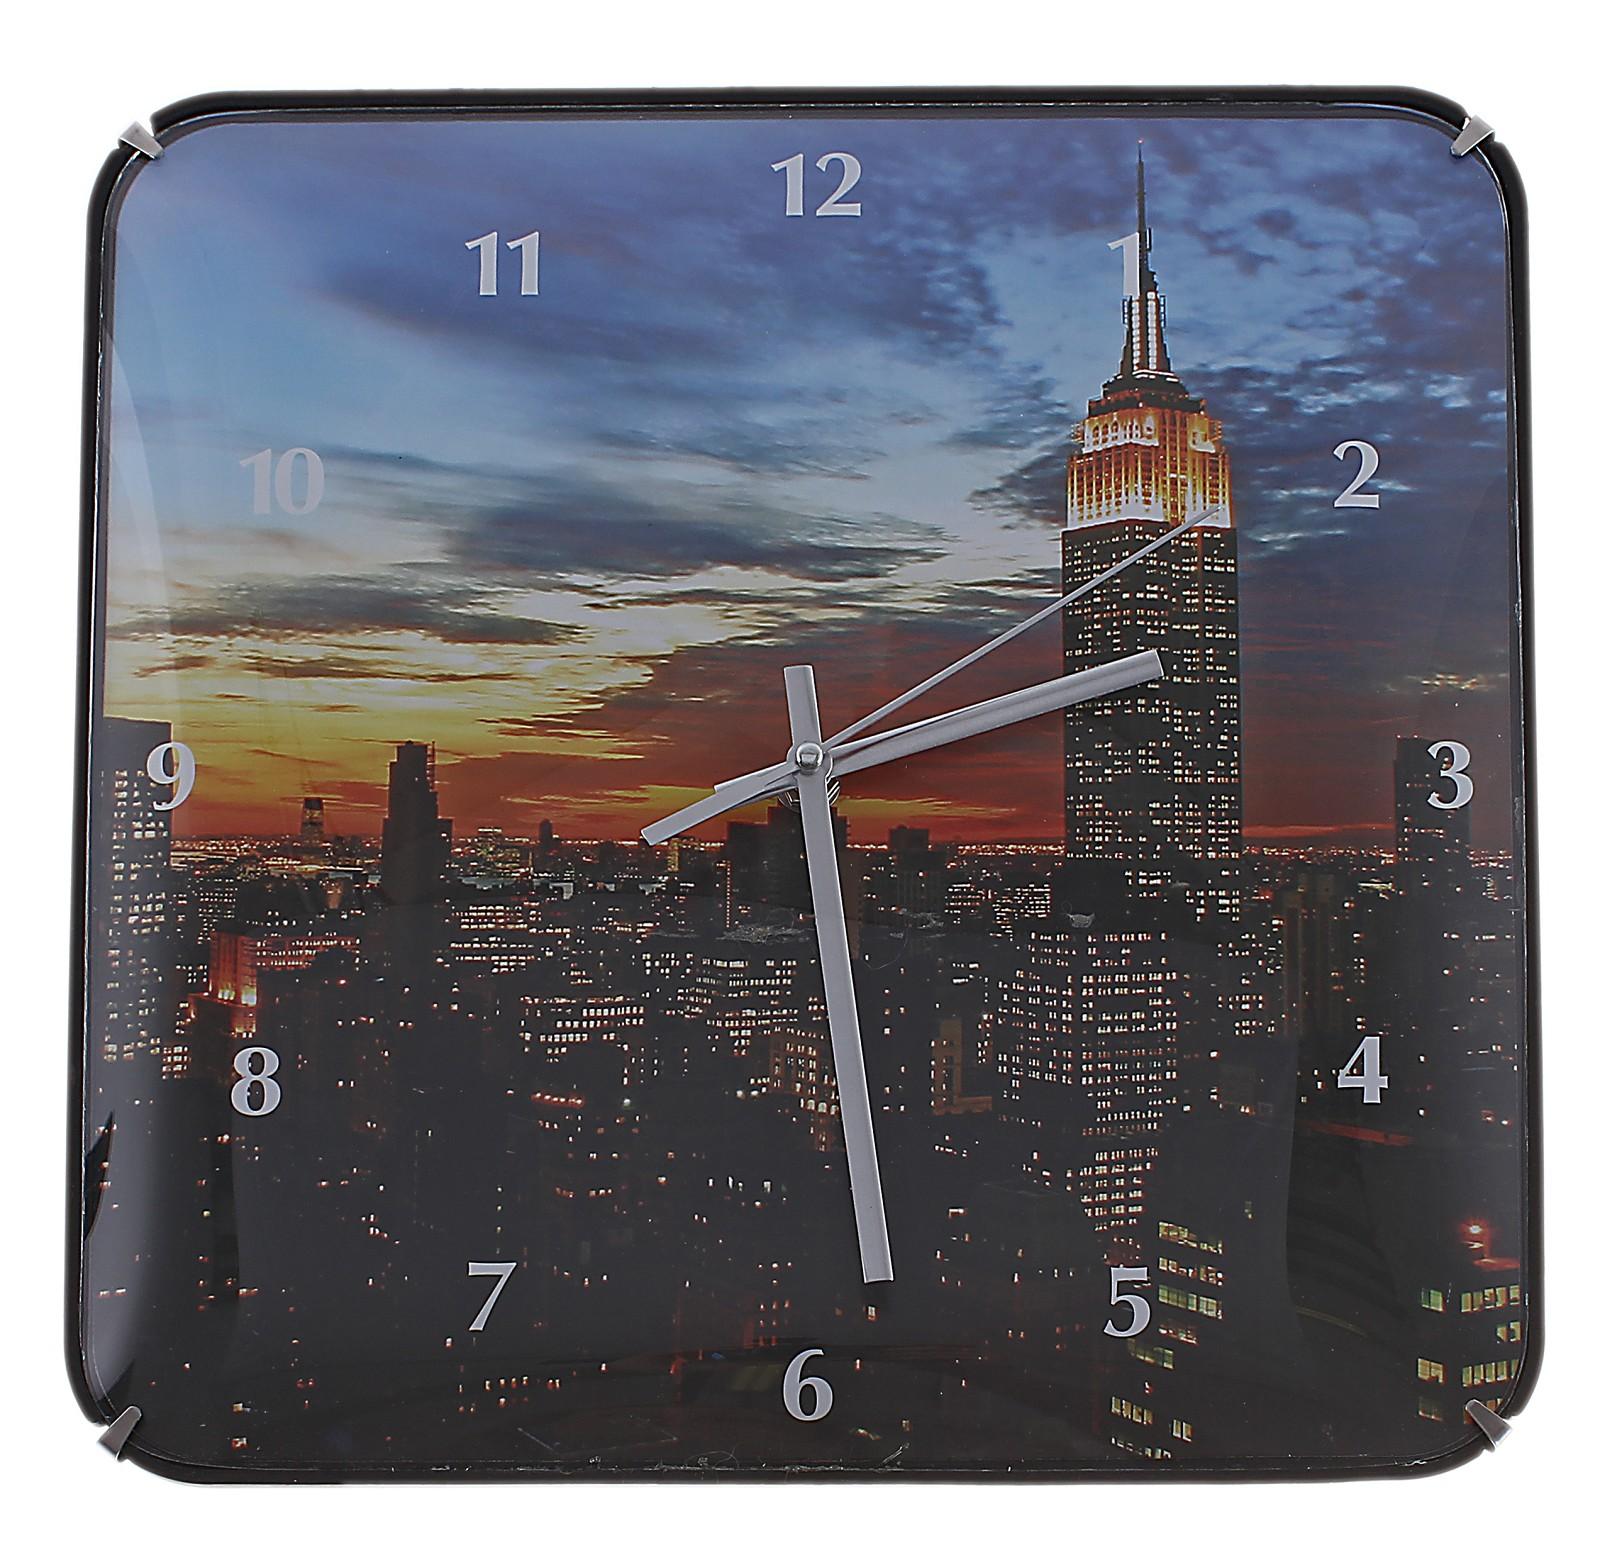 Часы настенные Ночной сити, цвет: мульти. 589195589195Оригинальные настенные часы Ночной сити квадратной формы выполнены из пластика и оформлены изображением ночного города. Часы имеют три стрелки - часовую, минутную и секундную. Циферблат часов защищен пластиком. Необычное дизайнерское решение и качество исполнения придутся по вкусу каждому. Оформите совой дом таким интерьерным аксессуаром или преподнесите его в качестве презента друзьям, и они оценят ваш оригинальный вкус и неординарность подарка. Характеристики: Материал: пластик, металл. Размер: 3 см x 30 см x 30 см. Размер упаковки: 31 см х 31 см х 4,5 см. Артикул: 589195. Работают от батарейки типа АА (в комплект не входит).